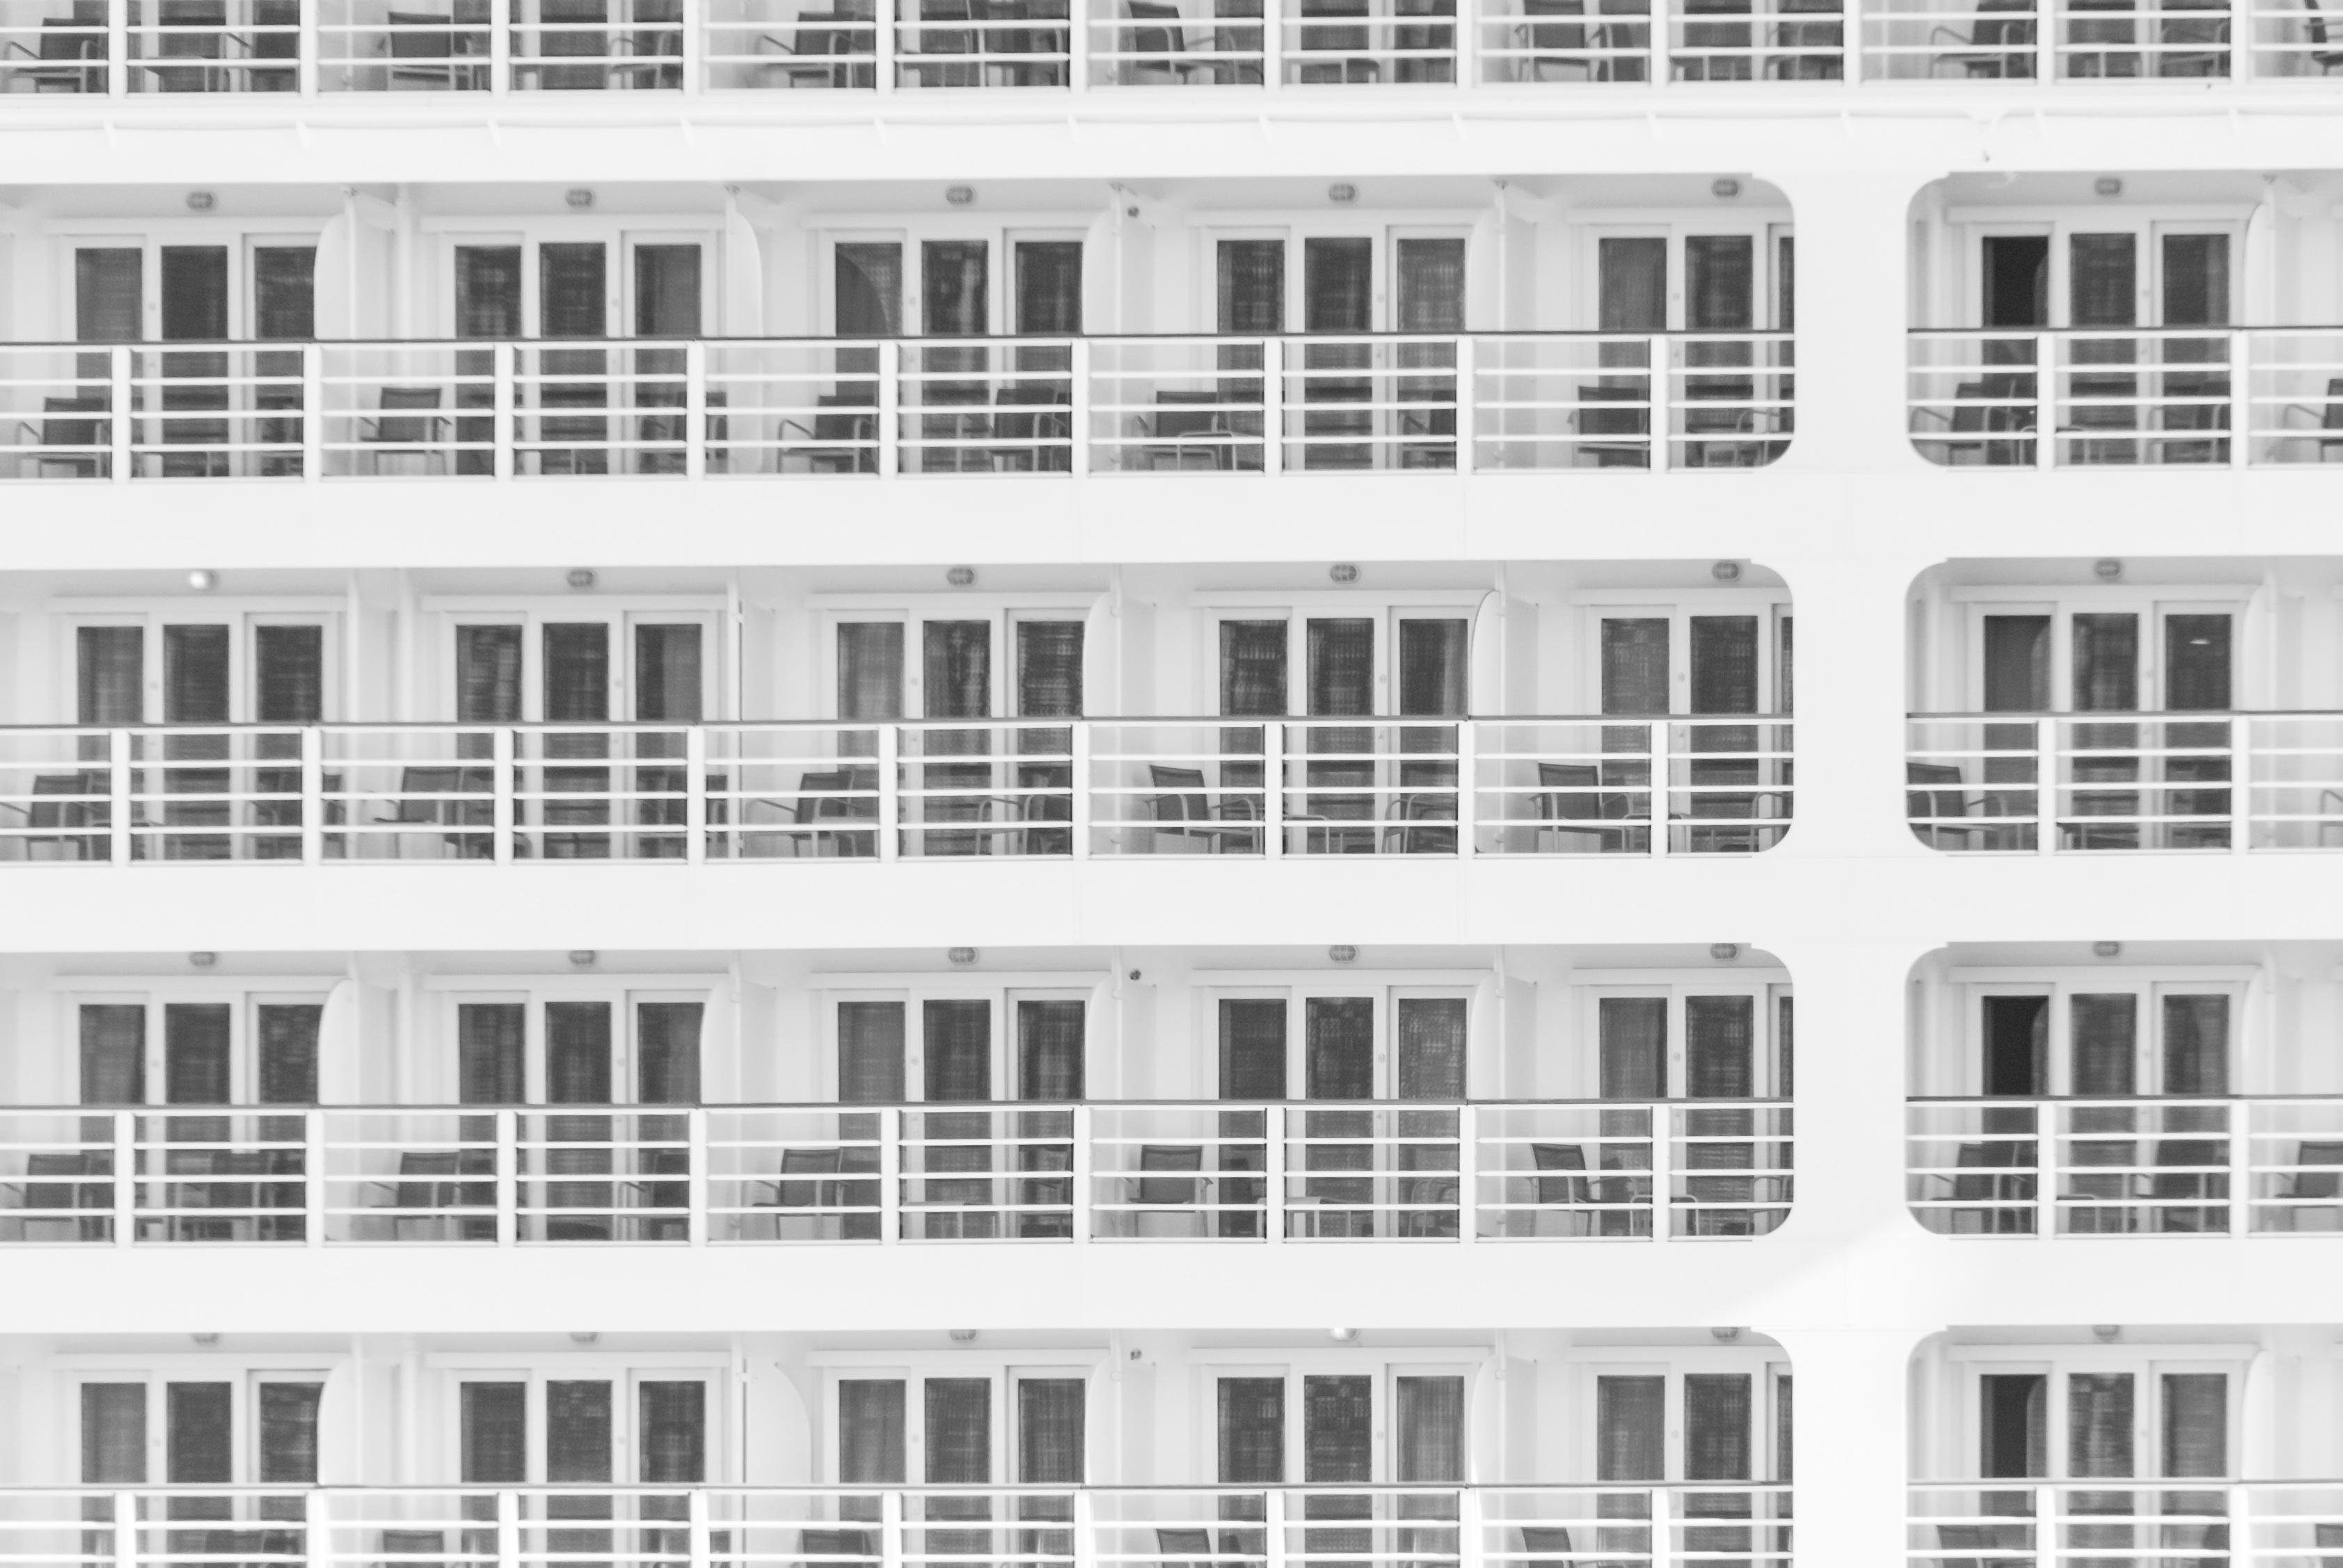 White Building, Balcony, Building, City, Concrete, HQ Photo